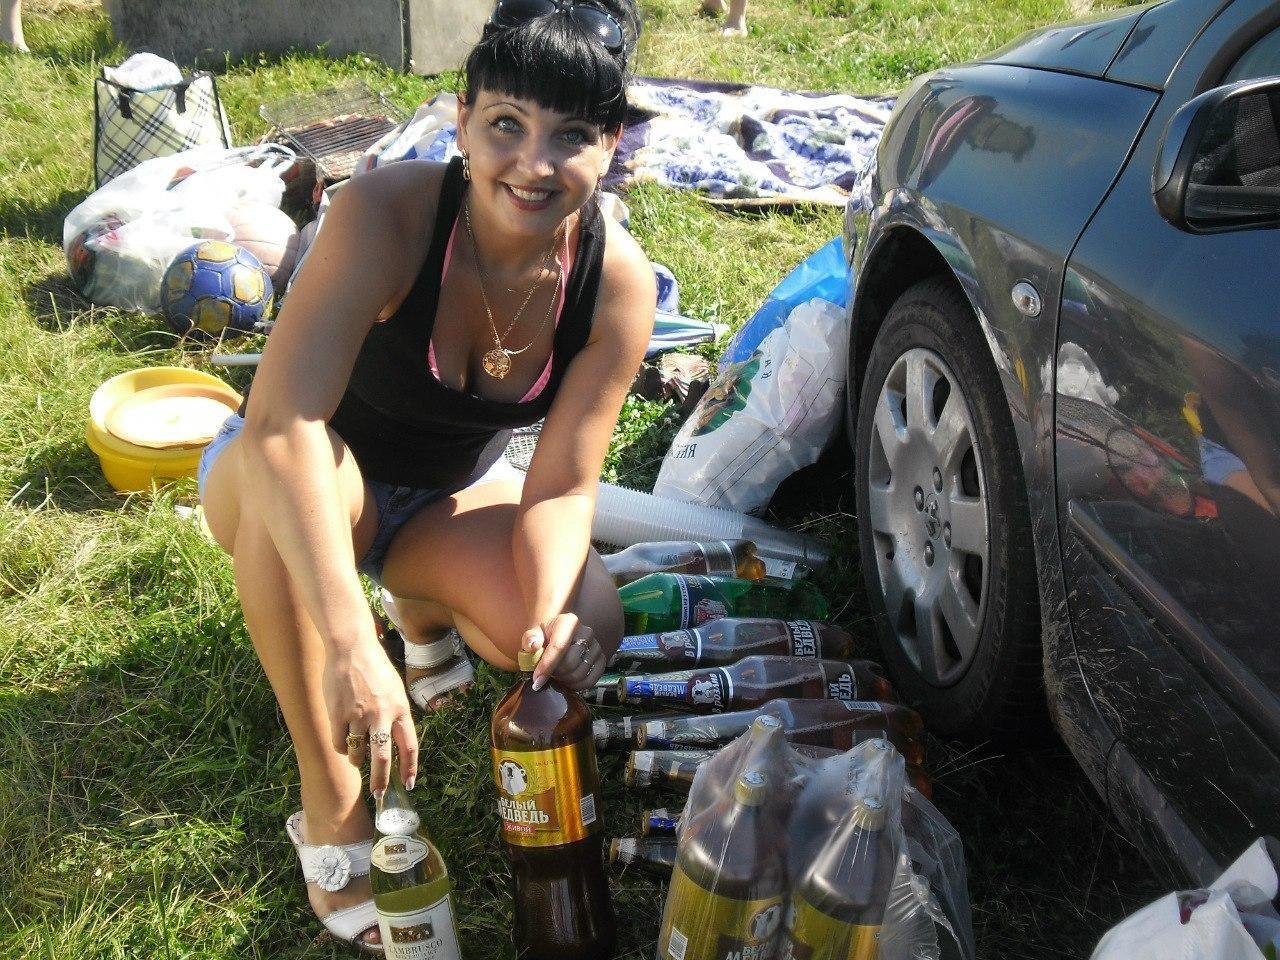 Пьяные подруги жены, Пьяная подруга жены: порно видео онлайн, смотреть 27 фотография